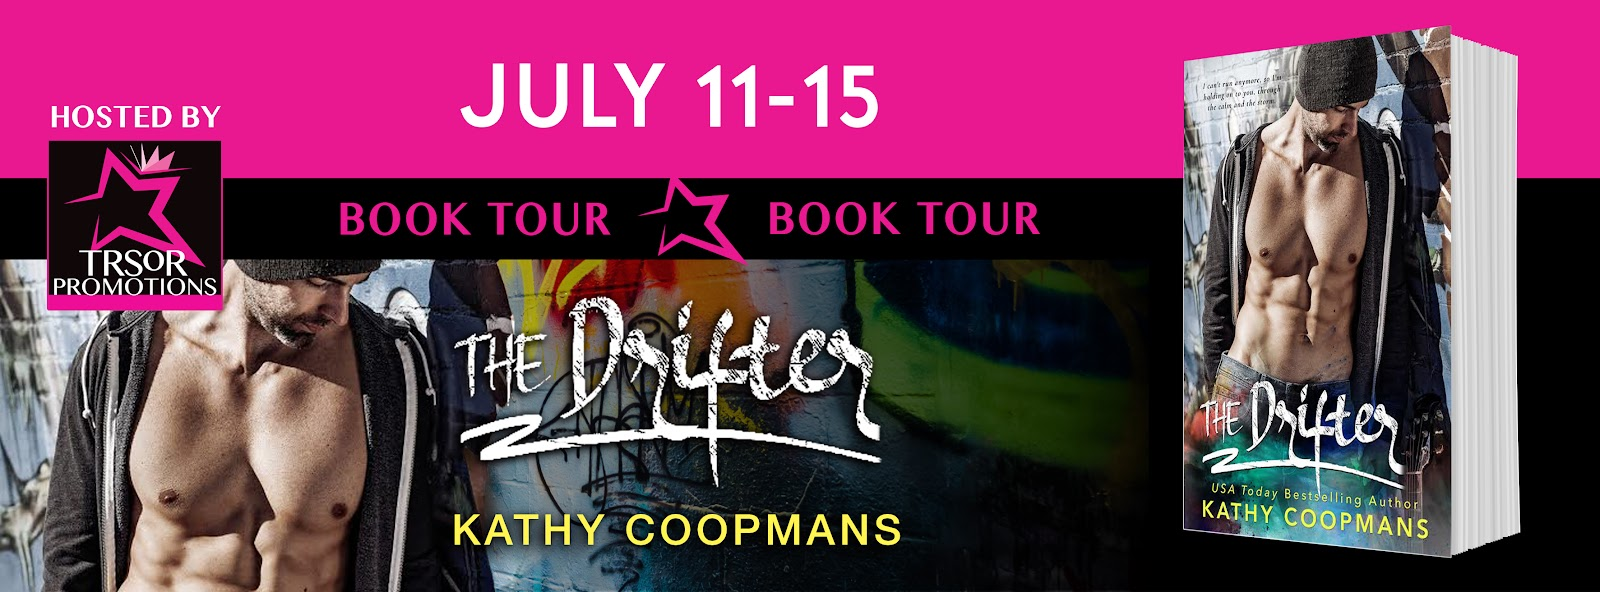 DRIFTER_BOOK_TOUR.jpg